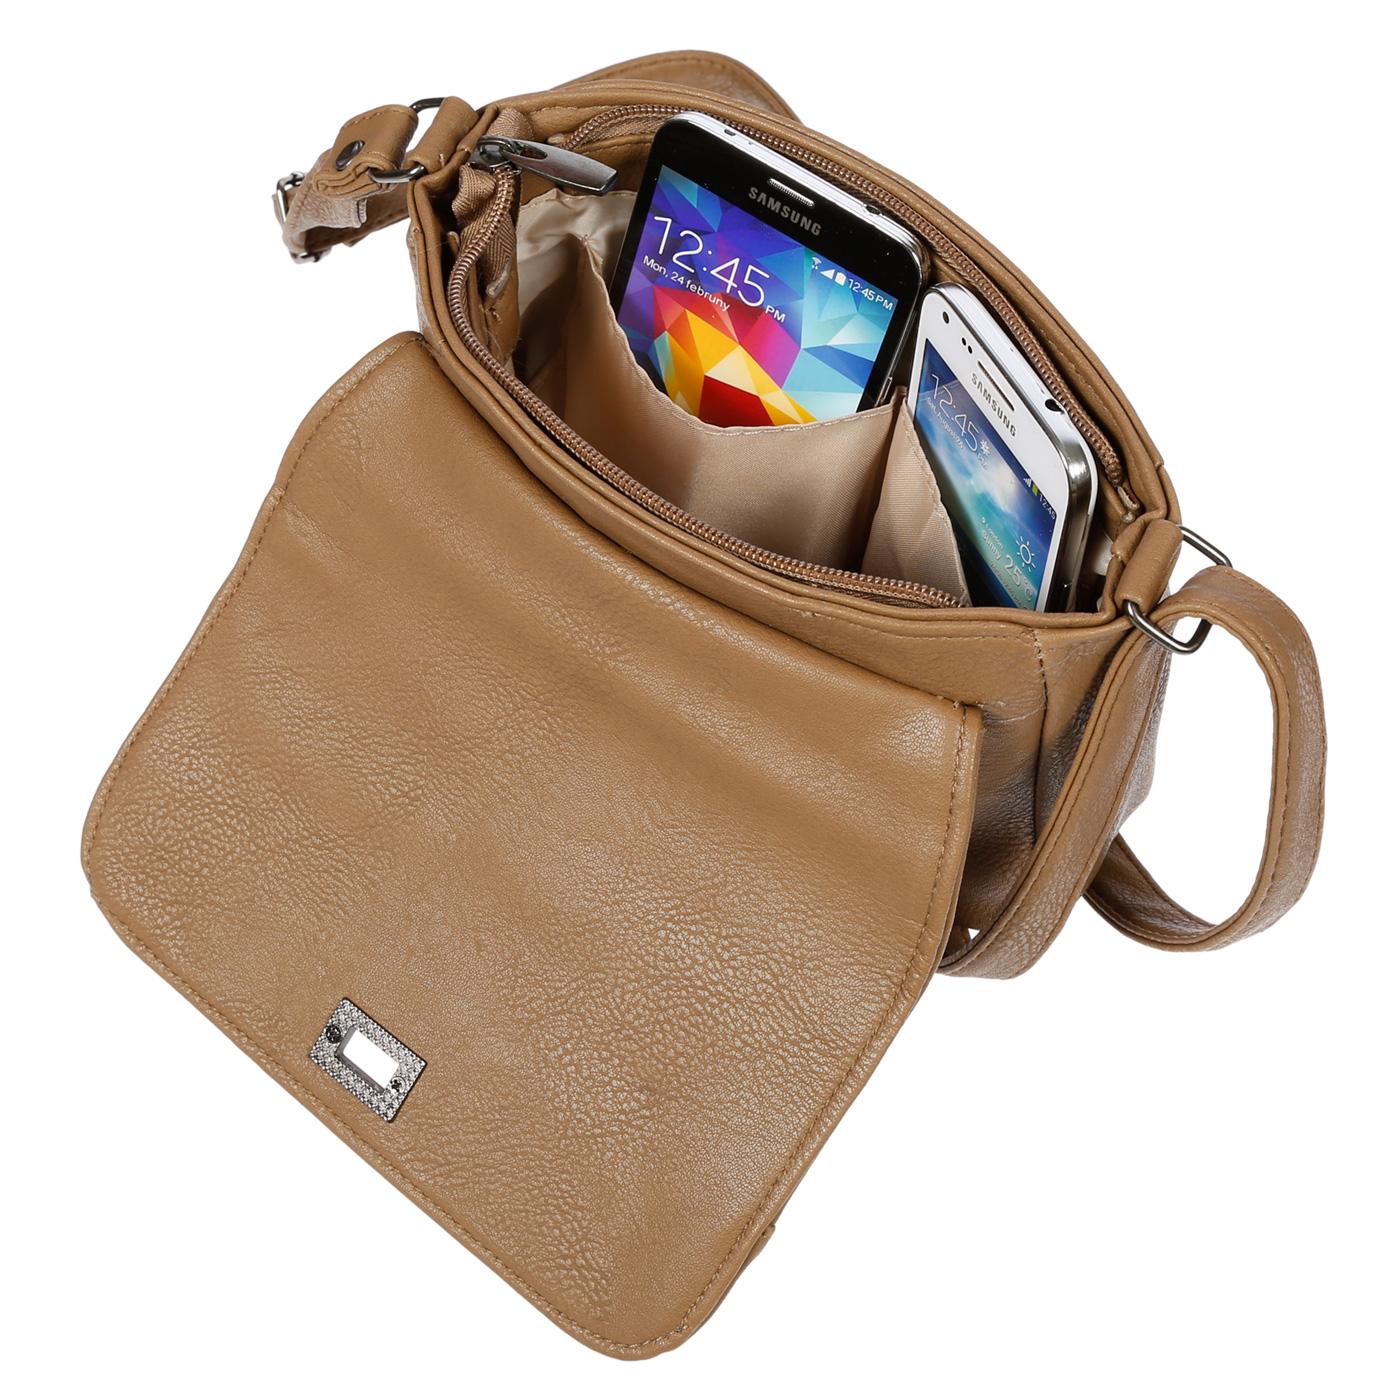 Kleine-Damen-Tasche-Umhaengetasche-Schultertasche-Crossover-Bag-Leder-Optik-NEU Indexbild 34